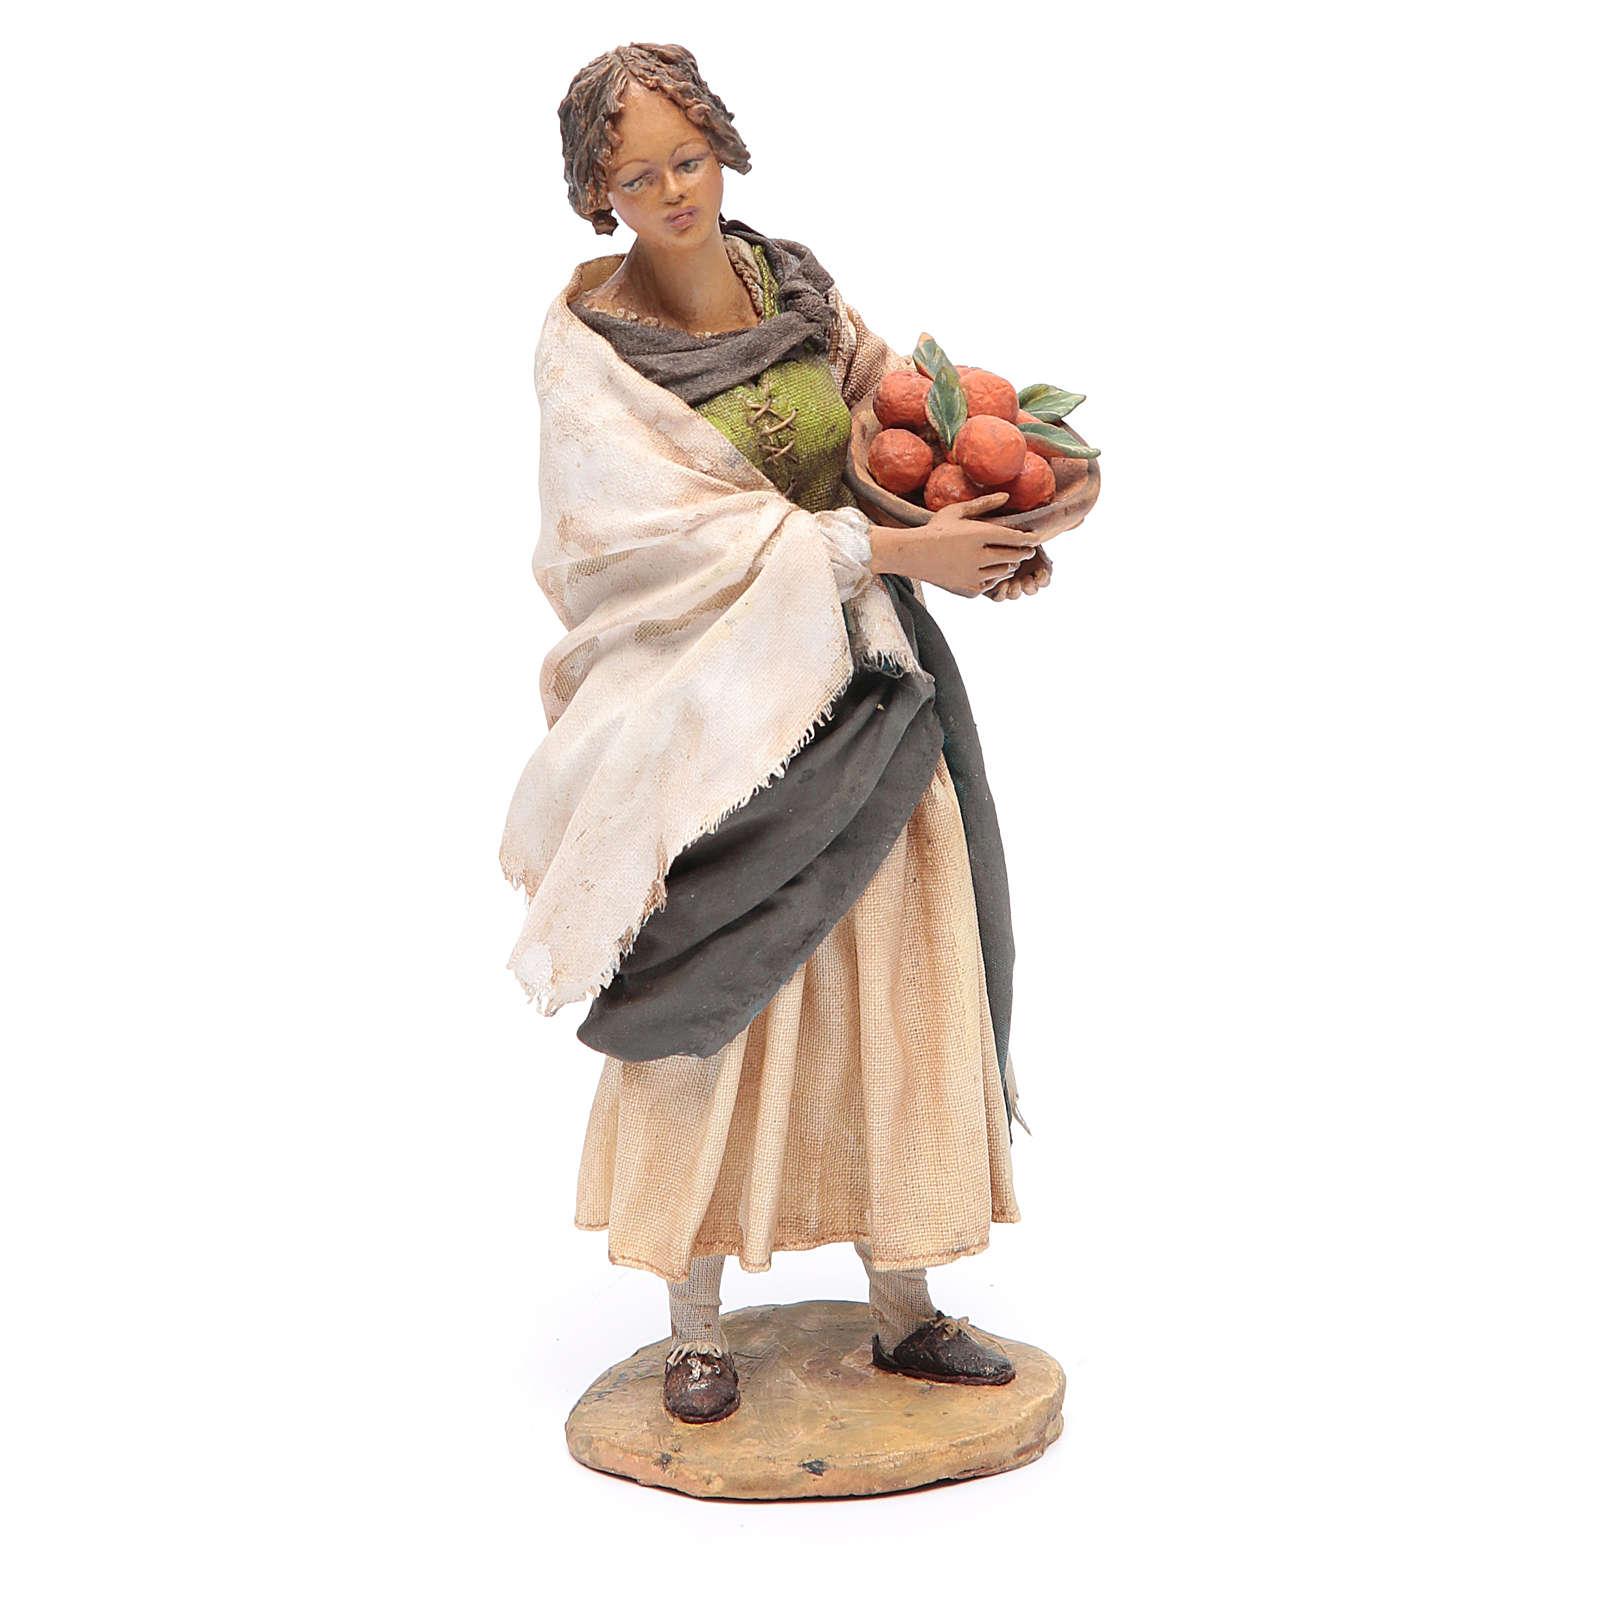 Donna in piedi con cesto di arance 18 cm Angela Tripi 4